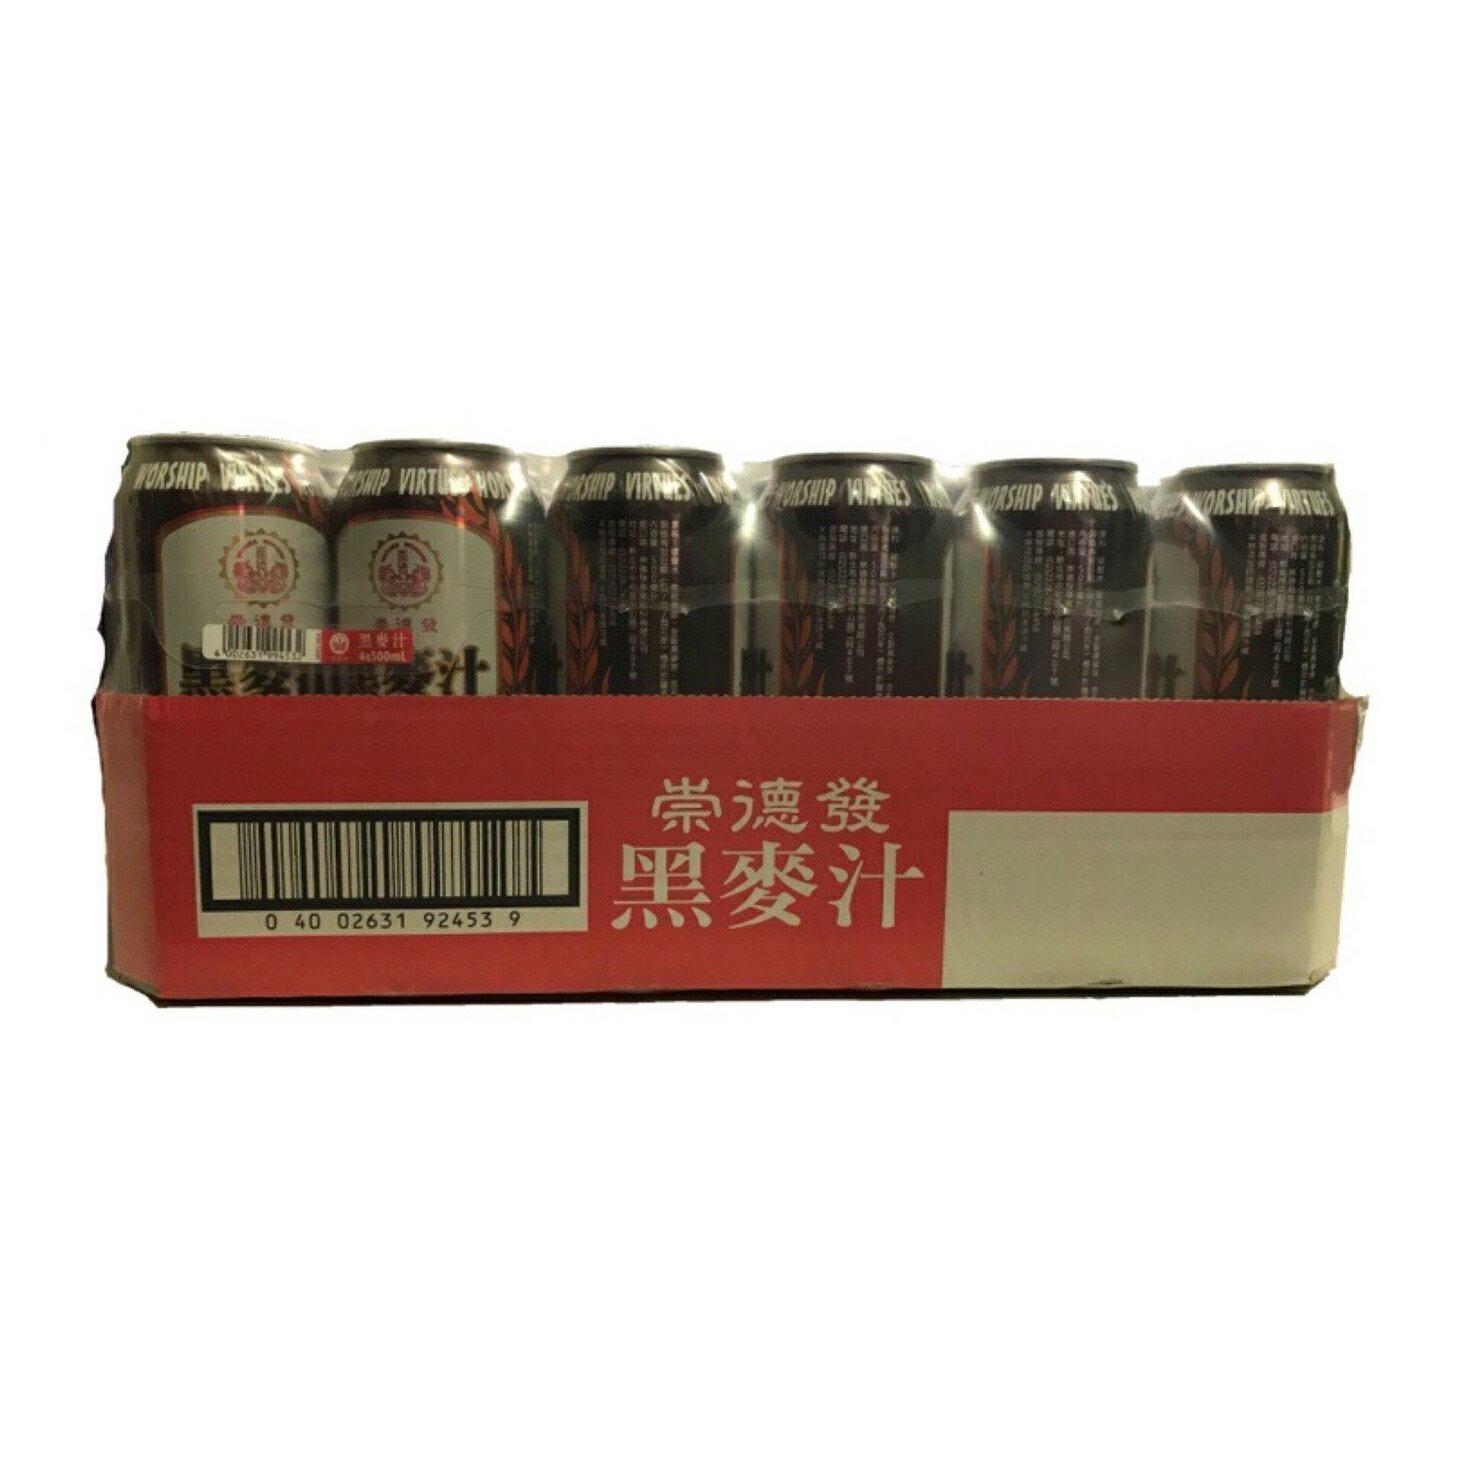 崇德發 黑麥汁 500mlx24瓶 限宅配 飲料 飲品 德國原裝 易開罐 無防腐劑 好市多 COSTCO 全素可用